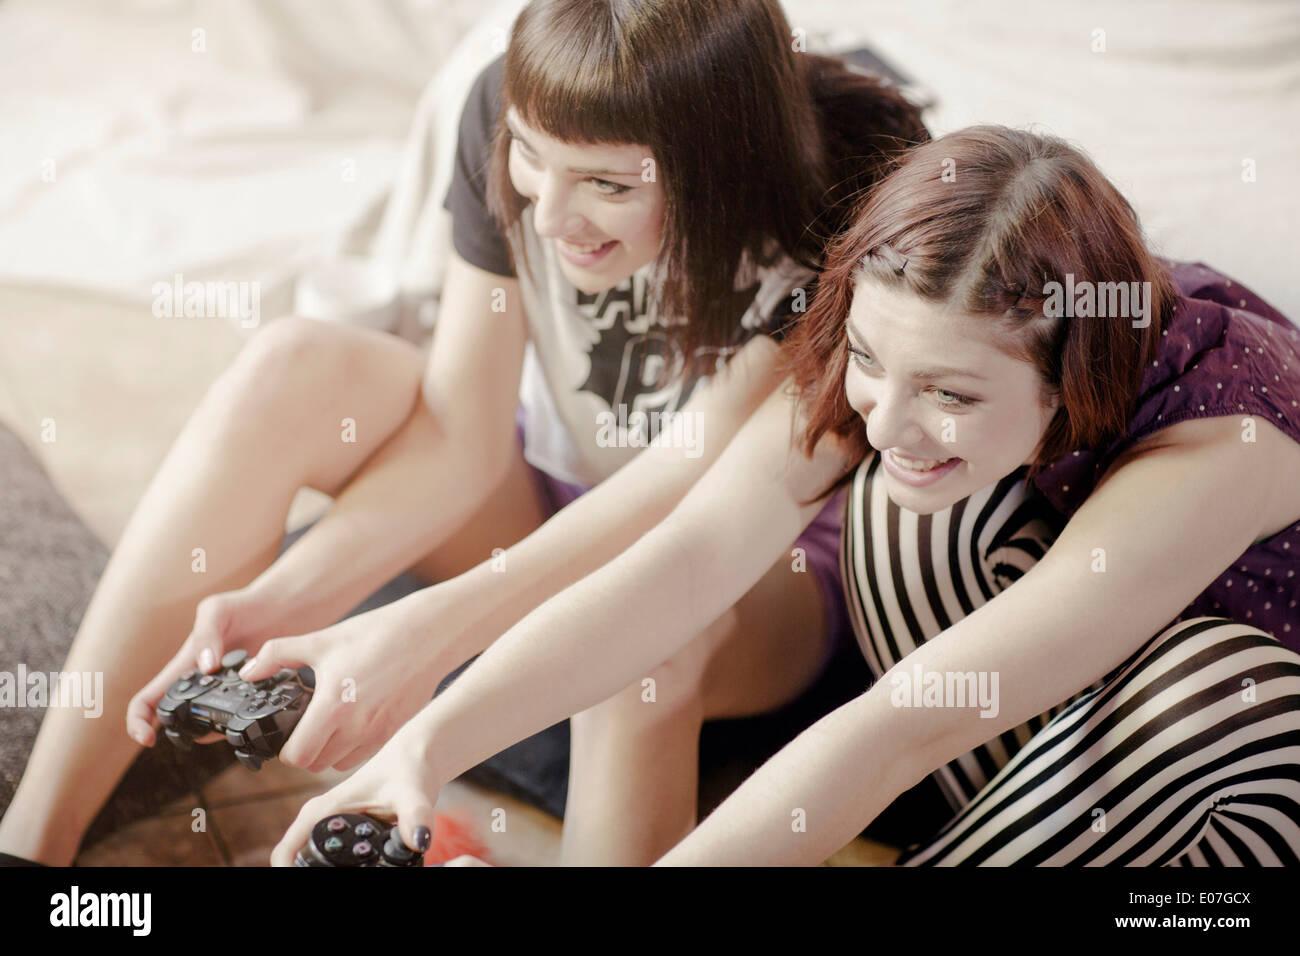 Dos mujeres jóvenes jugando juegos de video Imagen De Stock